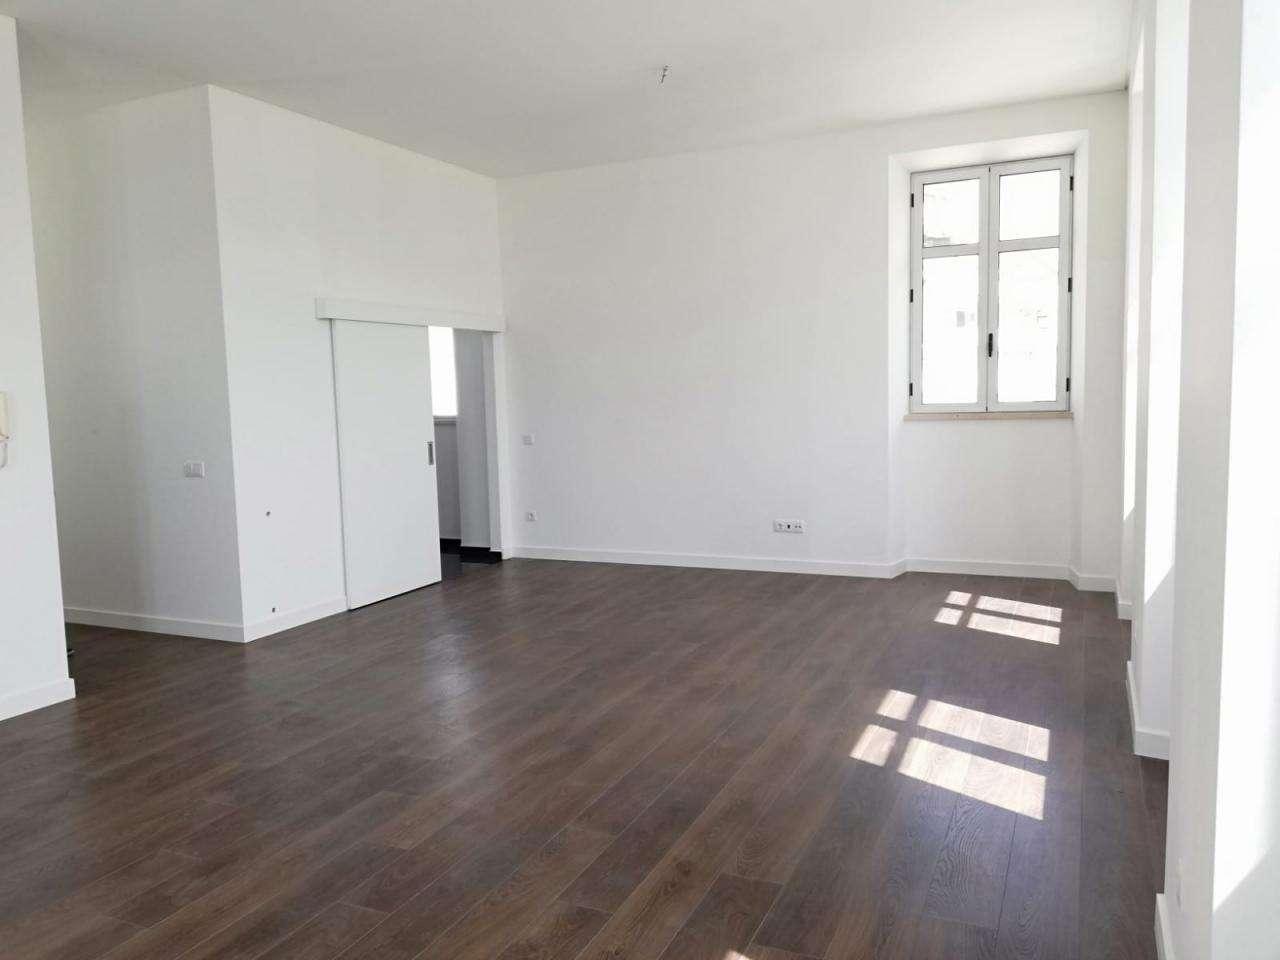 Apartamento para comprar, Foz do Arelho, Leiria - Foto 24